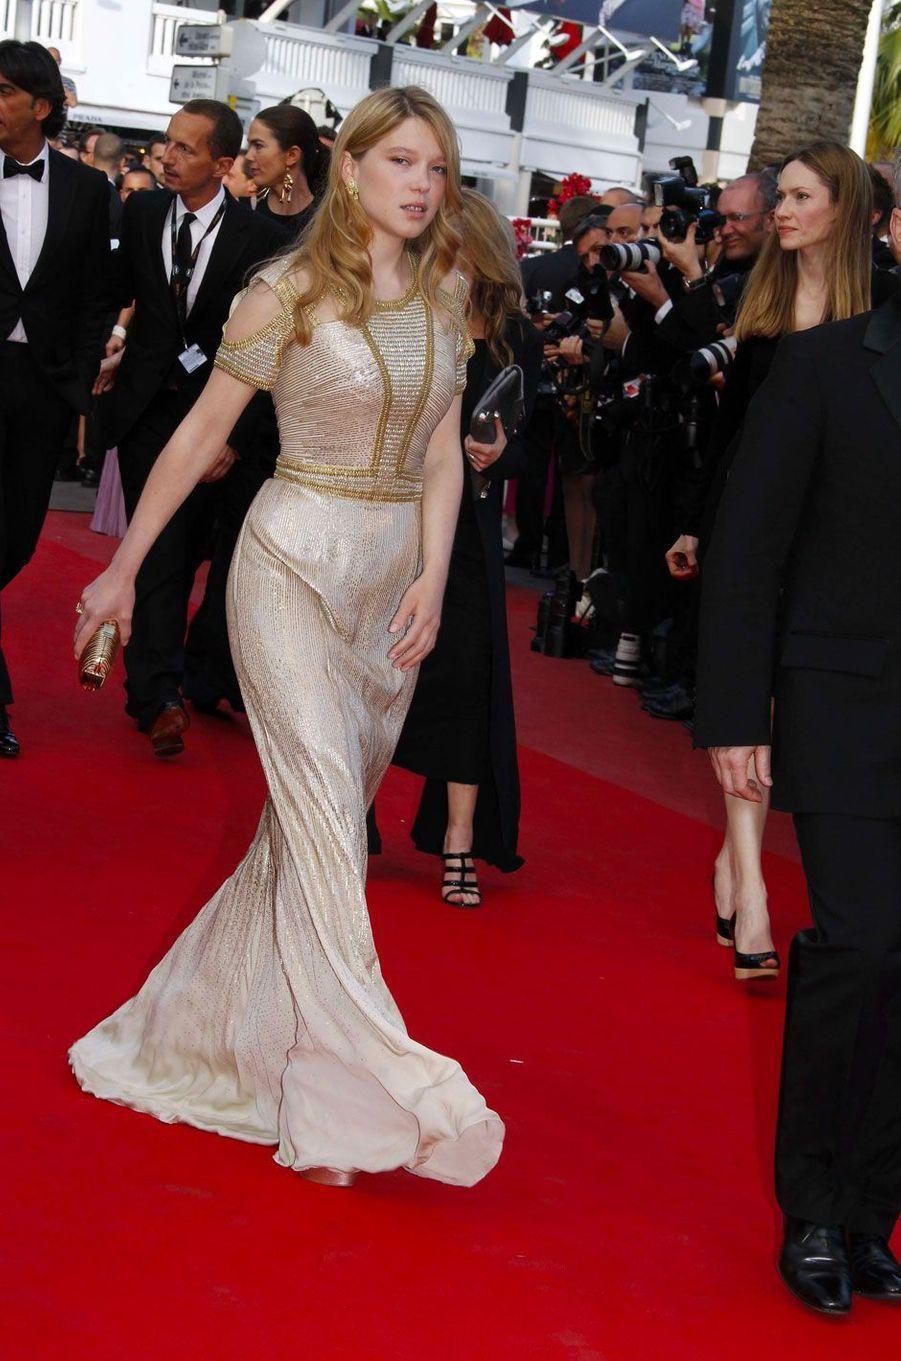 Léa Seydoux au Festival de Cannes le 14 mai 2010 en Gucci